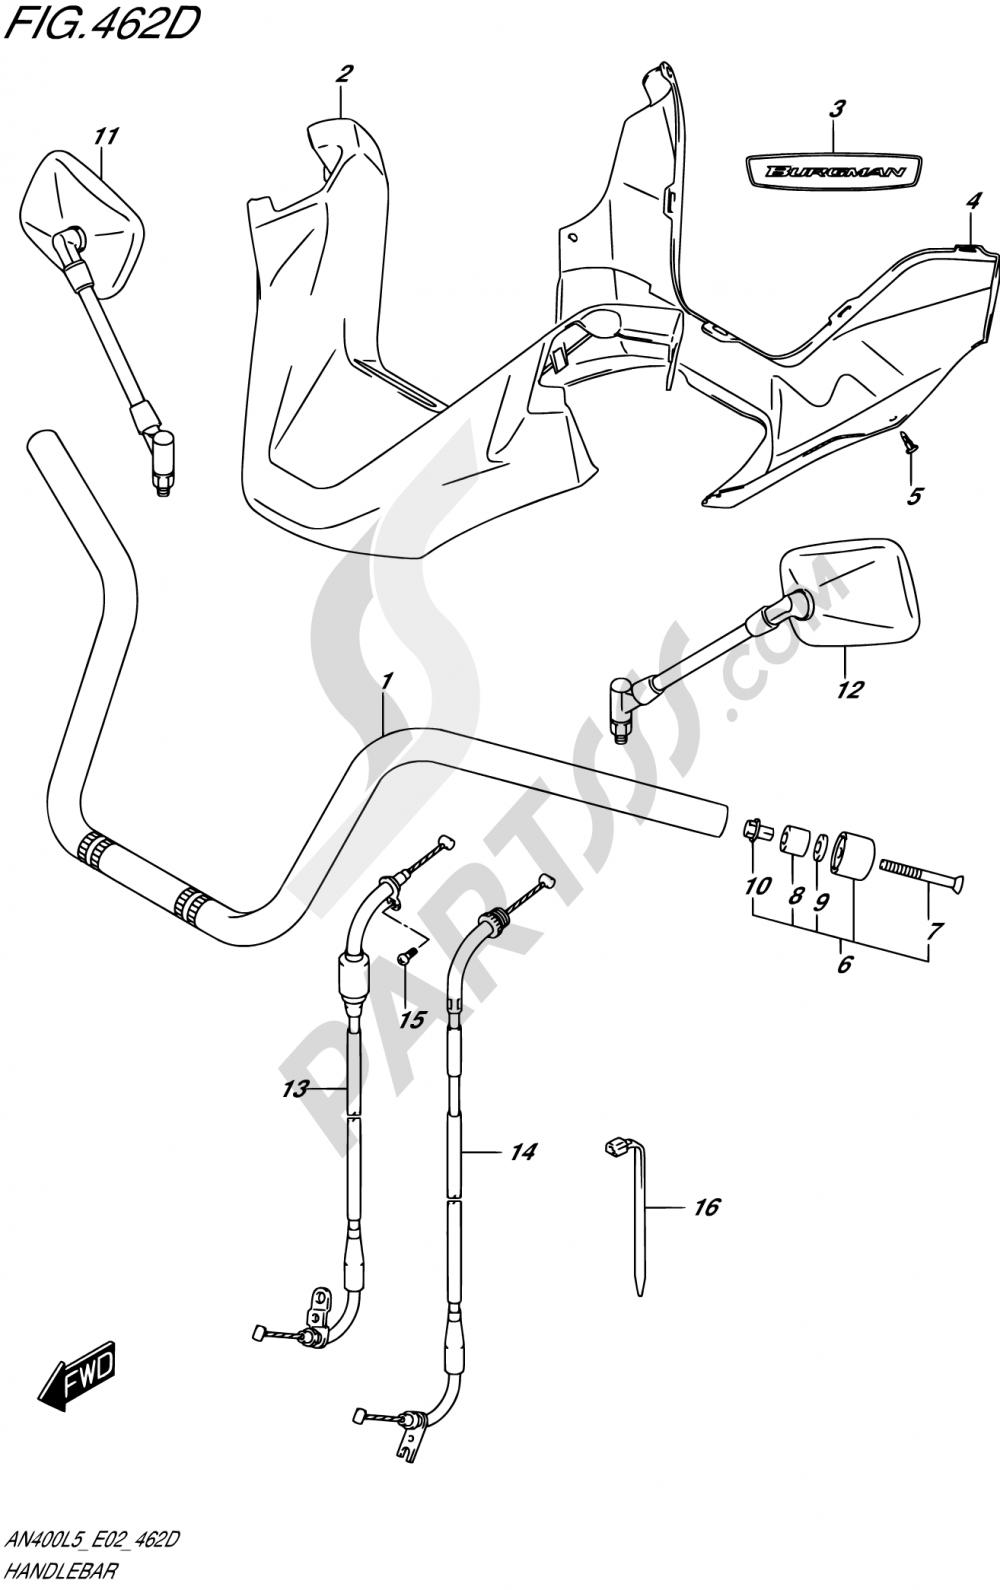 462D - HANDLEBAR (AN400ZAL5 E02) Suzuki BURGMAN AN400A 2015